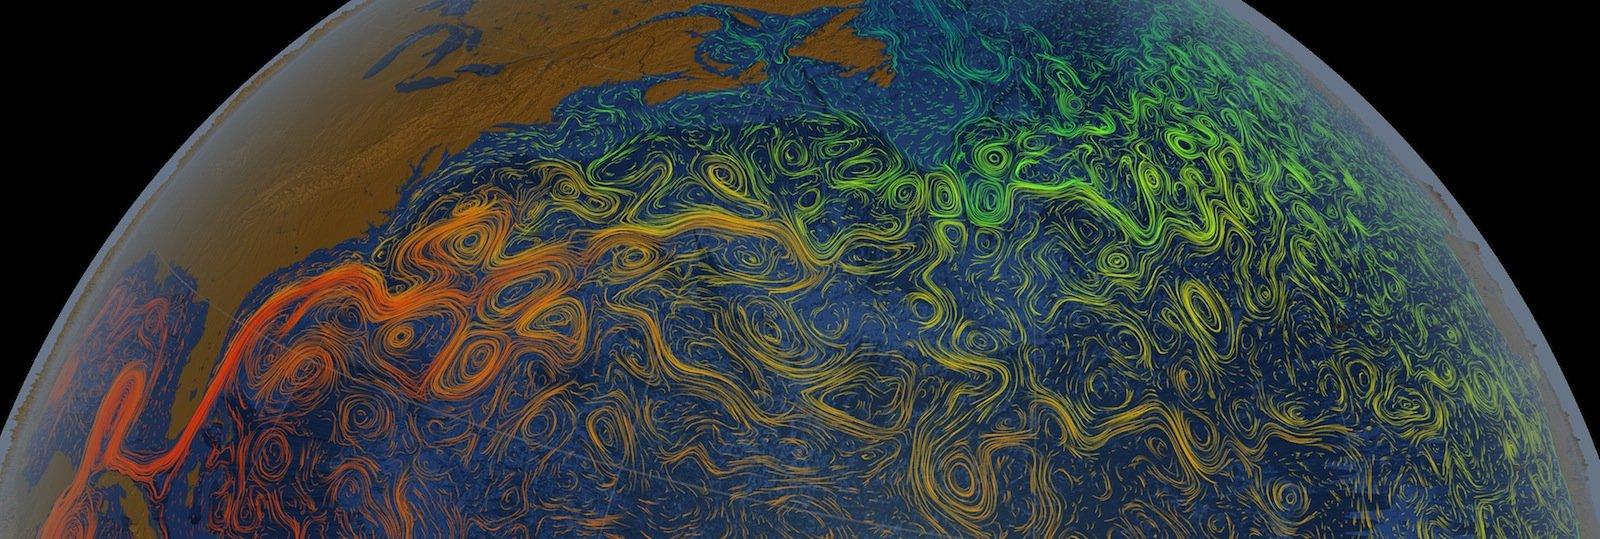 Kein Ausschnitt aus einem Picasso, sondern der Golfstrom: Die Strömung führt warmes Wasser aus den Tropen nach Europa.